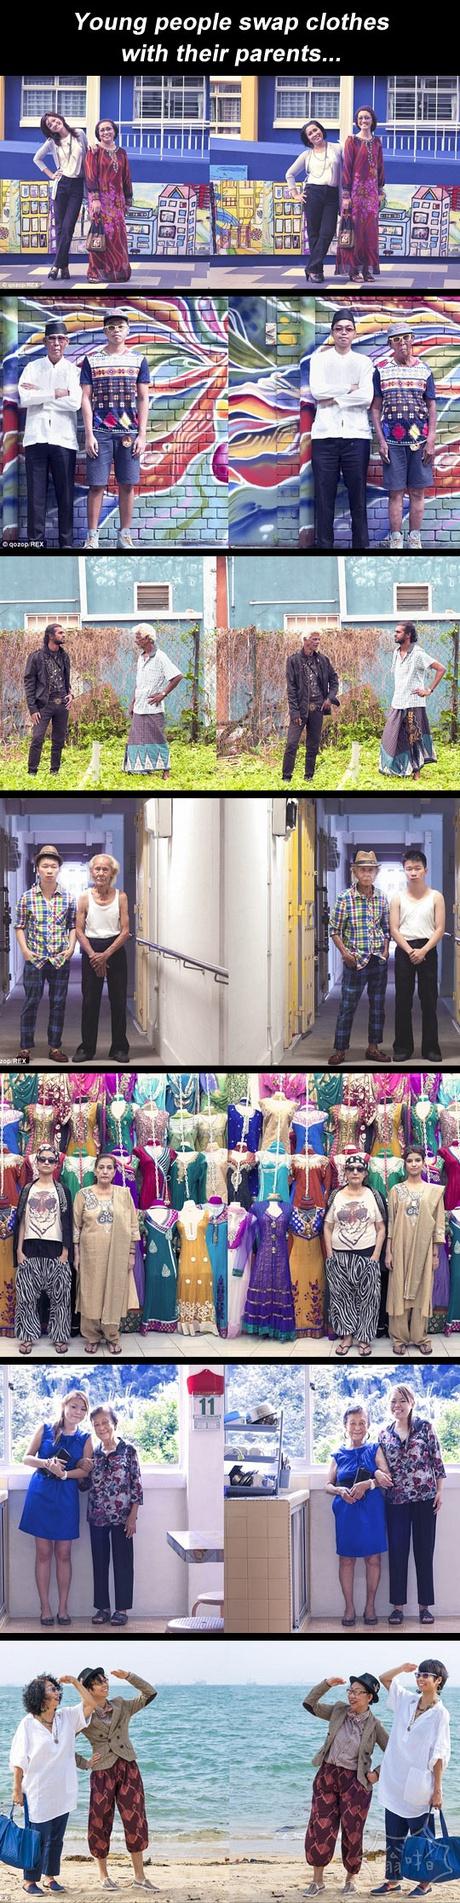 和父母互换衣服会是什么样的感觉,一组有趣照片。